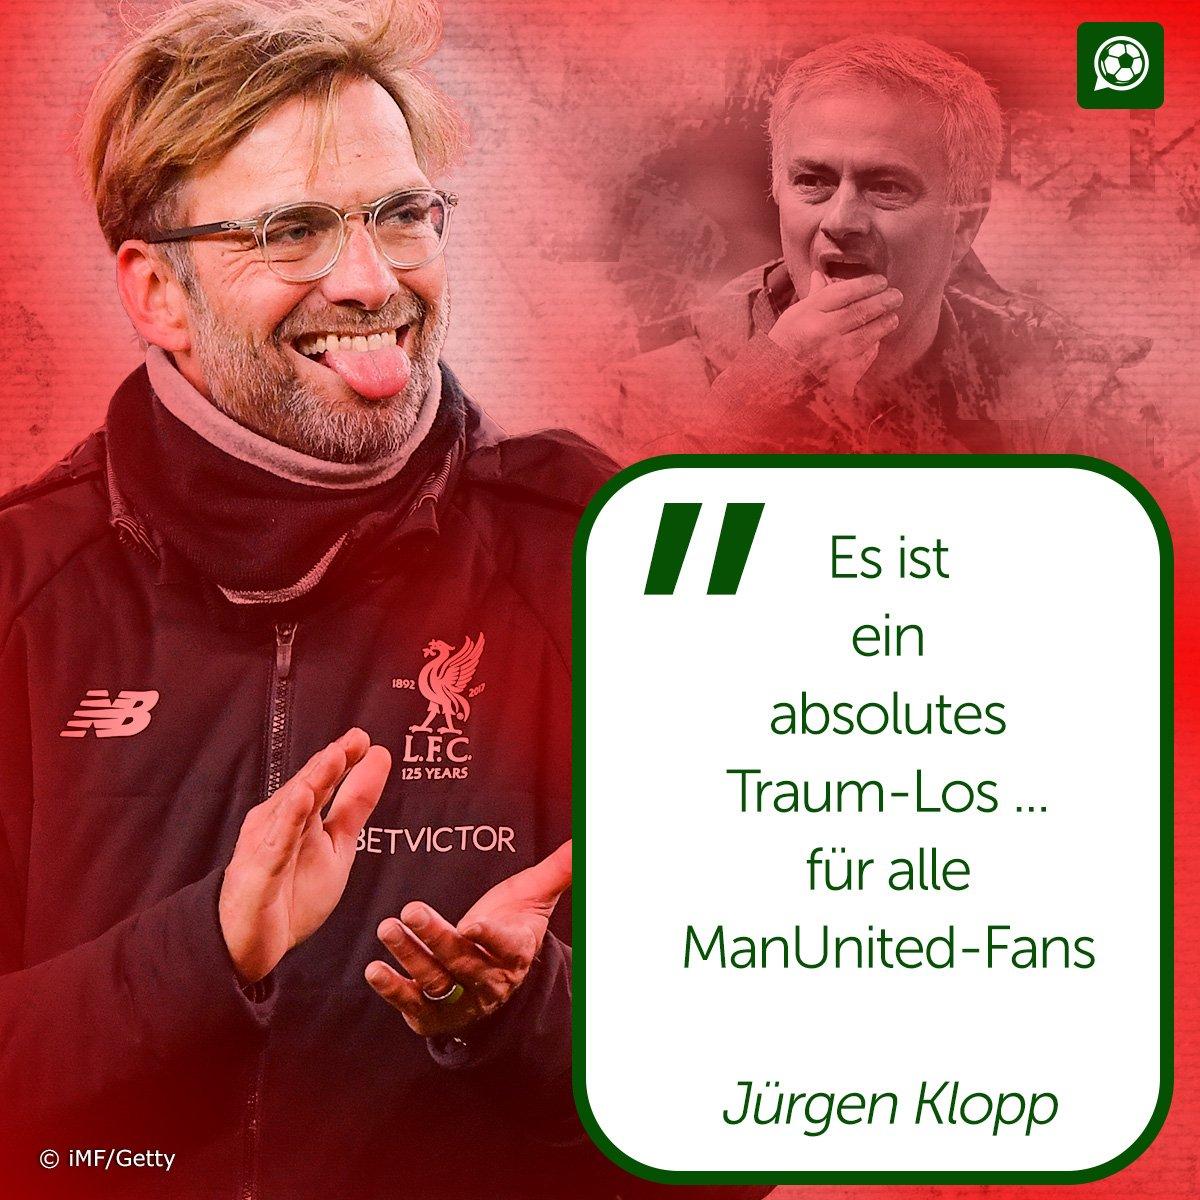 Jürgen Klopp konnte einfach nicht anders...